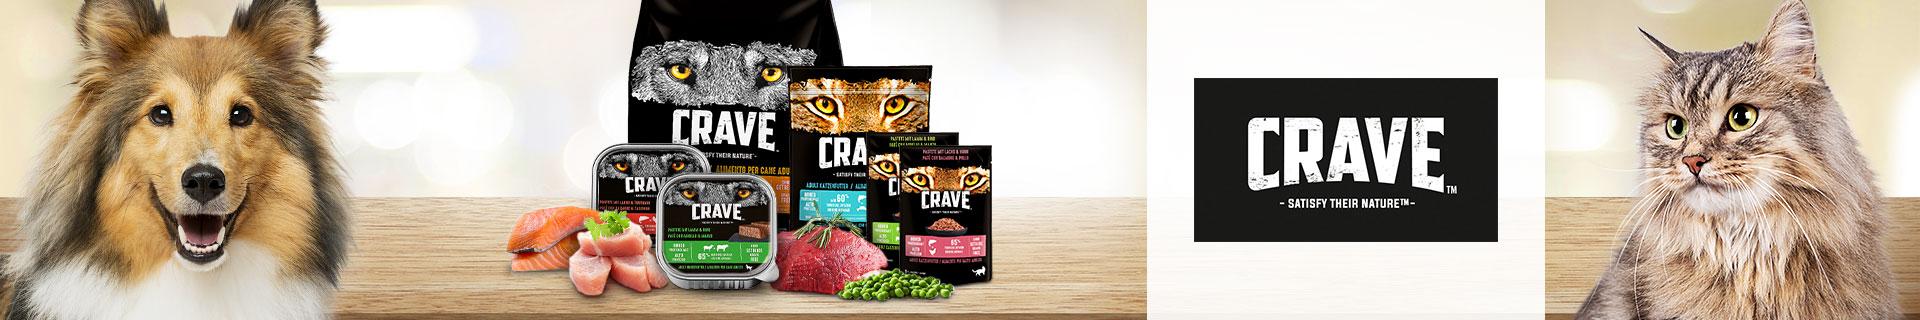 Crave Markenshop